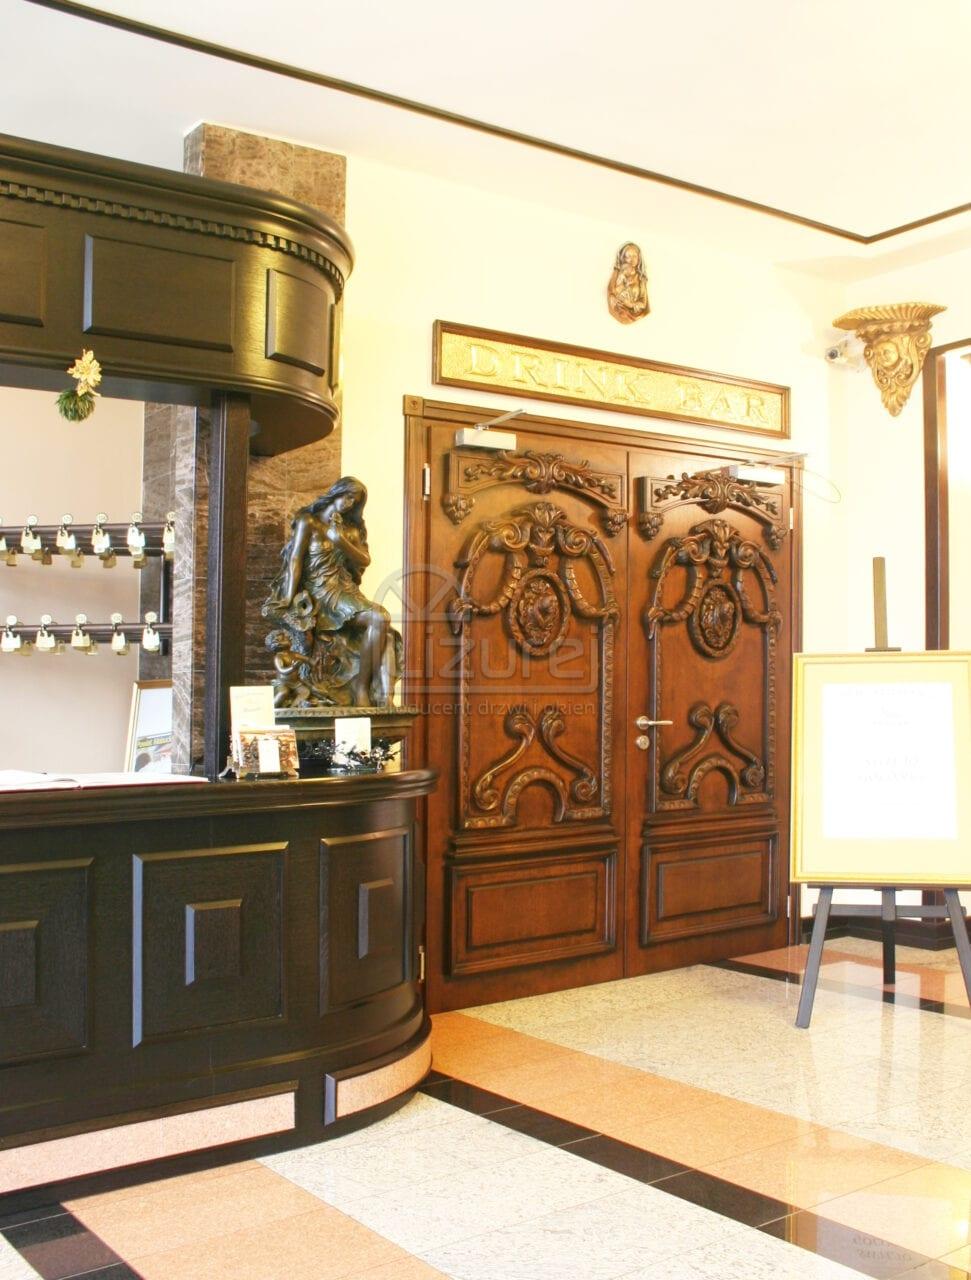 Producent Drzwi Drewnianych Na Wymiar Lizurej Galeria Wewnętrzne 19